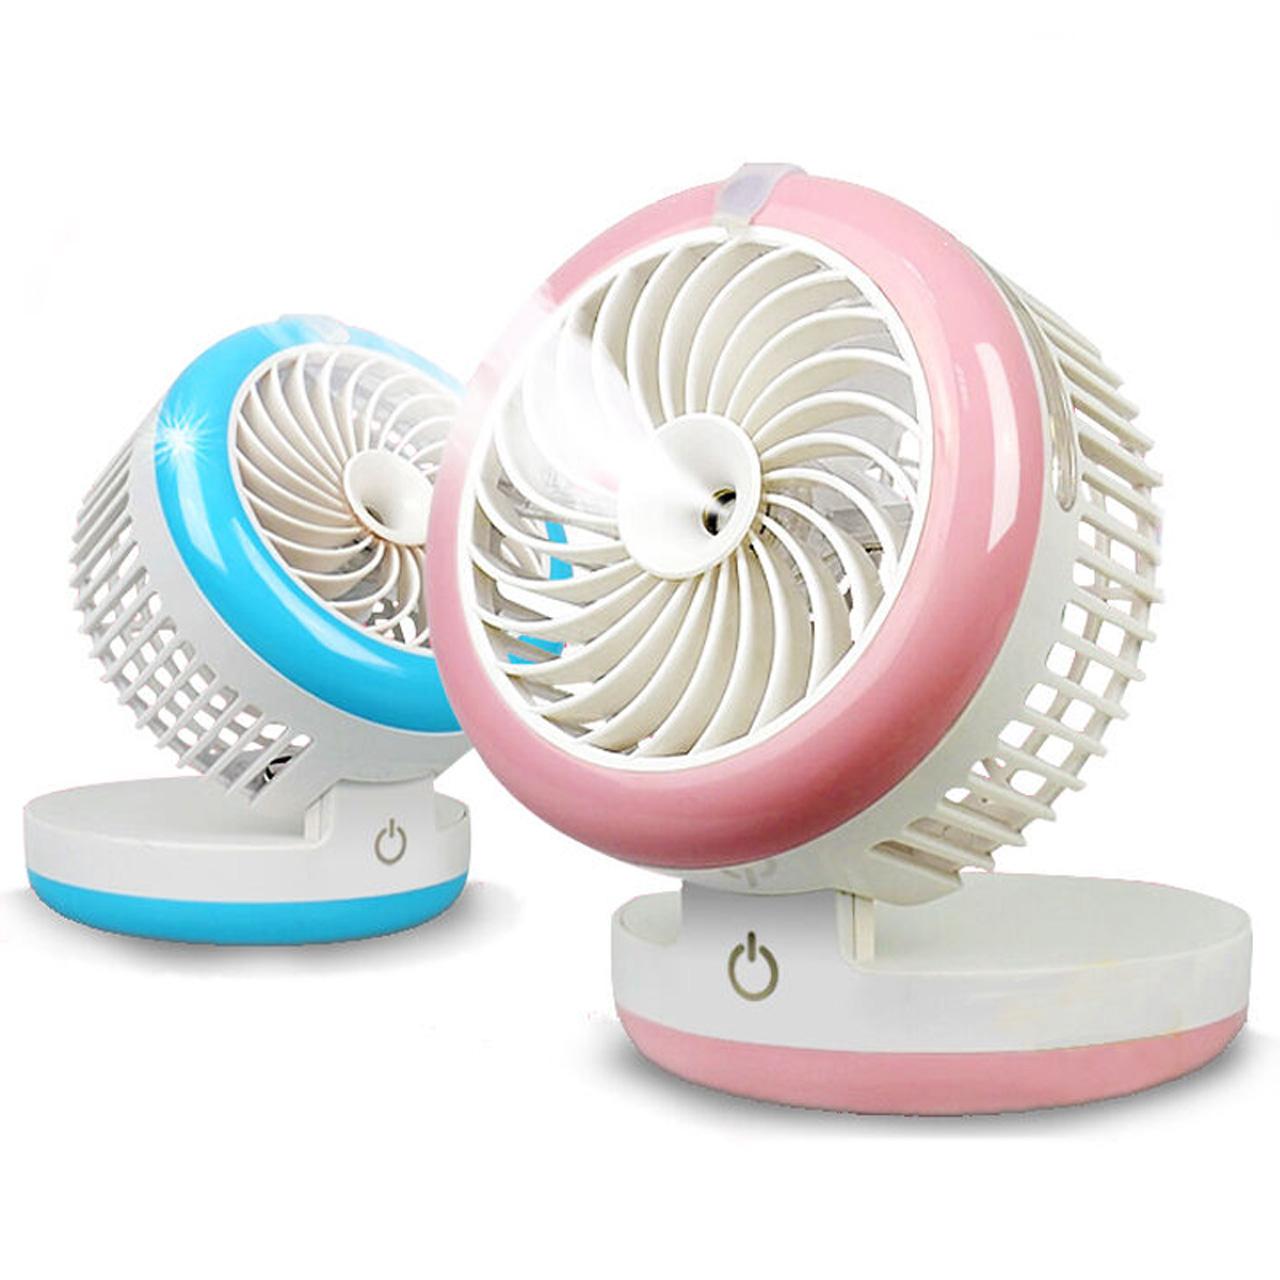 여름 기숙사 냉방 피서 제위 학생 침실 작은 팬 미니 可充电 미니 에어컨 냉동